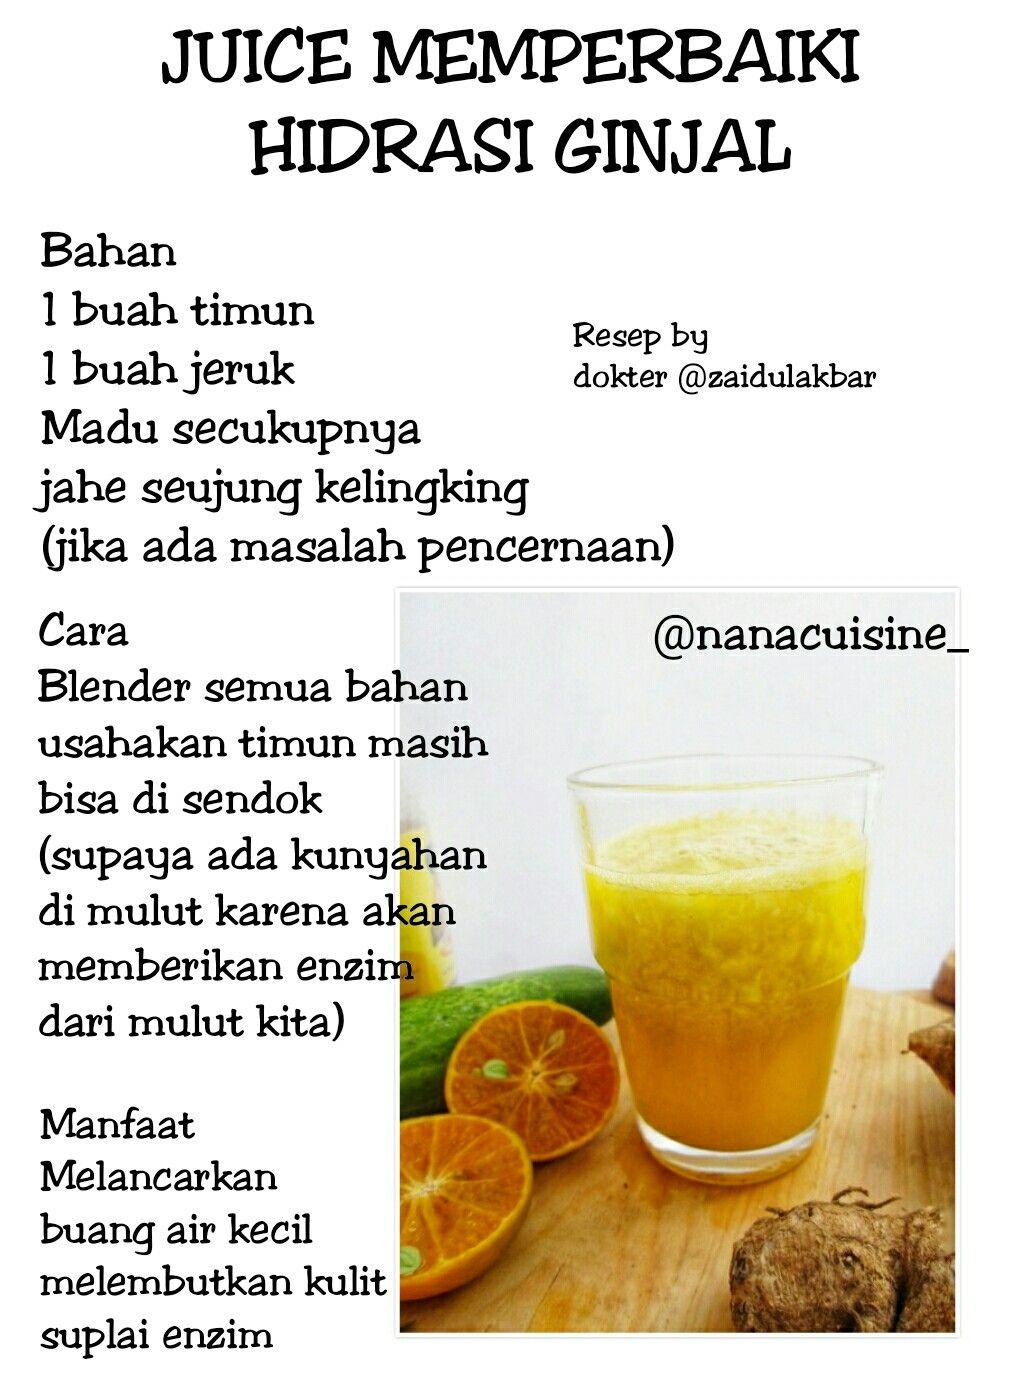 Tips2 Sehat Obat Alami Resep Sehat Minuman Sehat